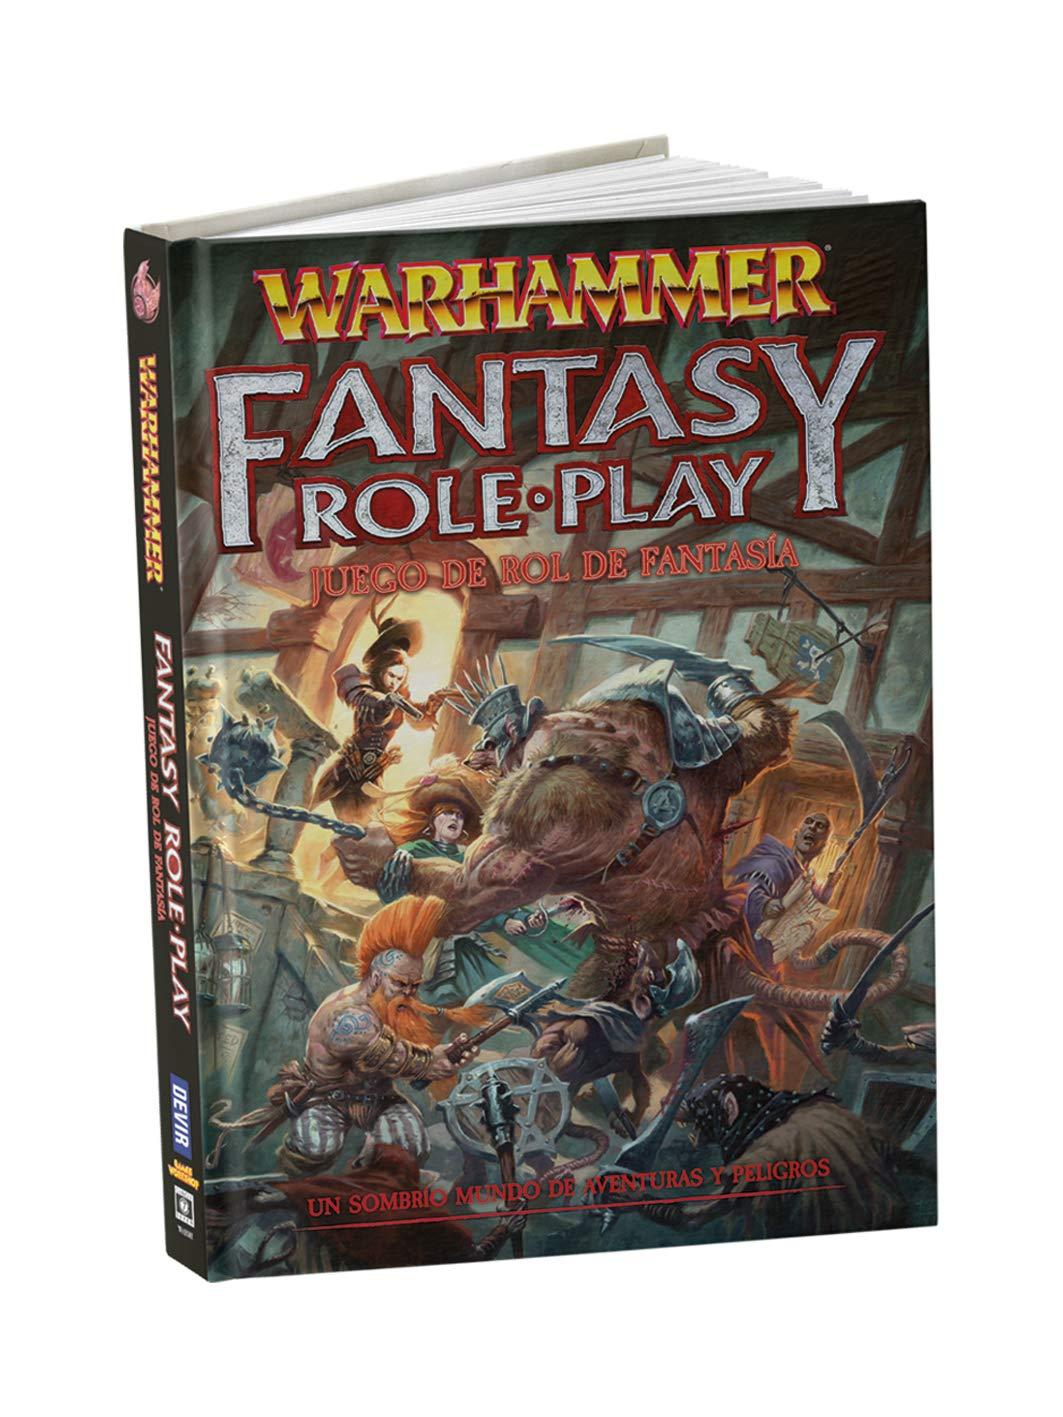 Warhammer-Juego-de-Rol-de-Fantasa-Devir-WFBASICO